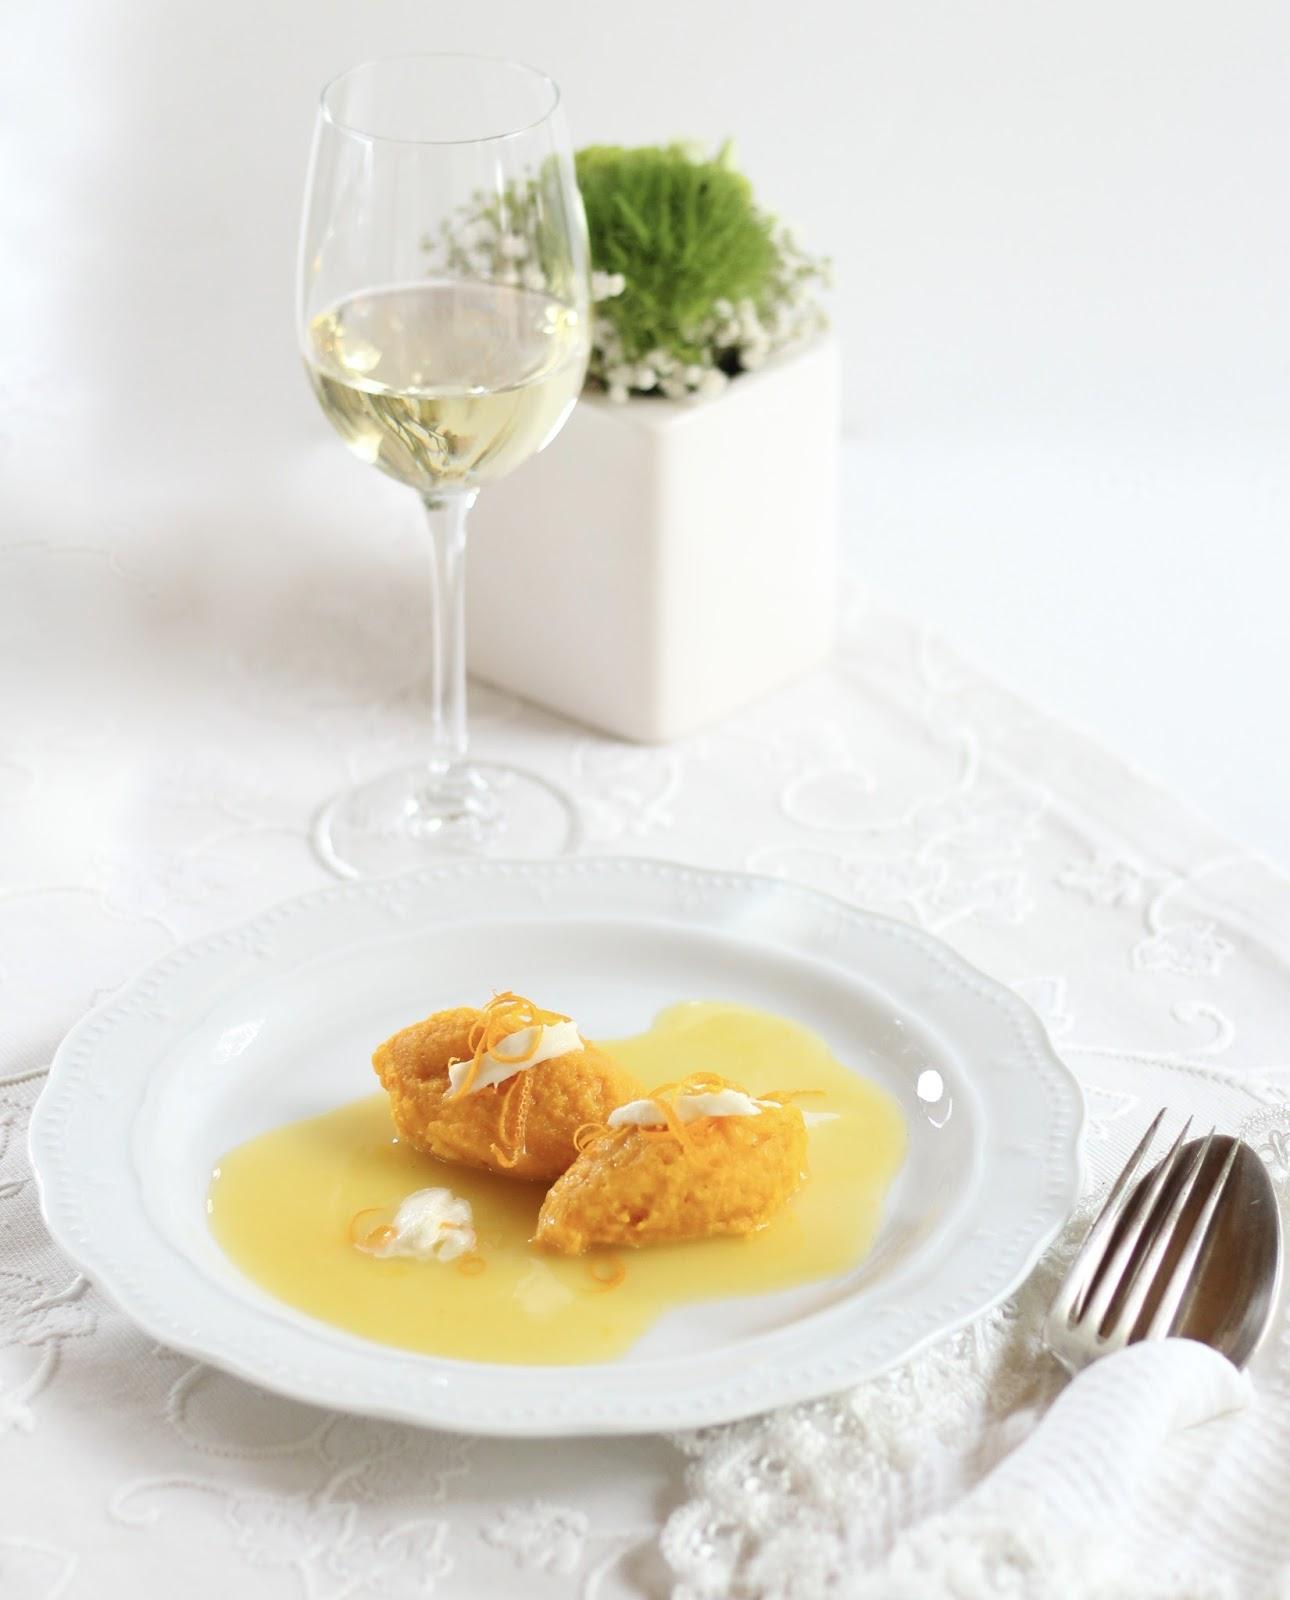 Festliche Vorspeise: Kürbis-Karotten-Nidei auf Orangen-Ingwer-Sauce